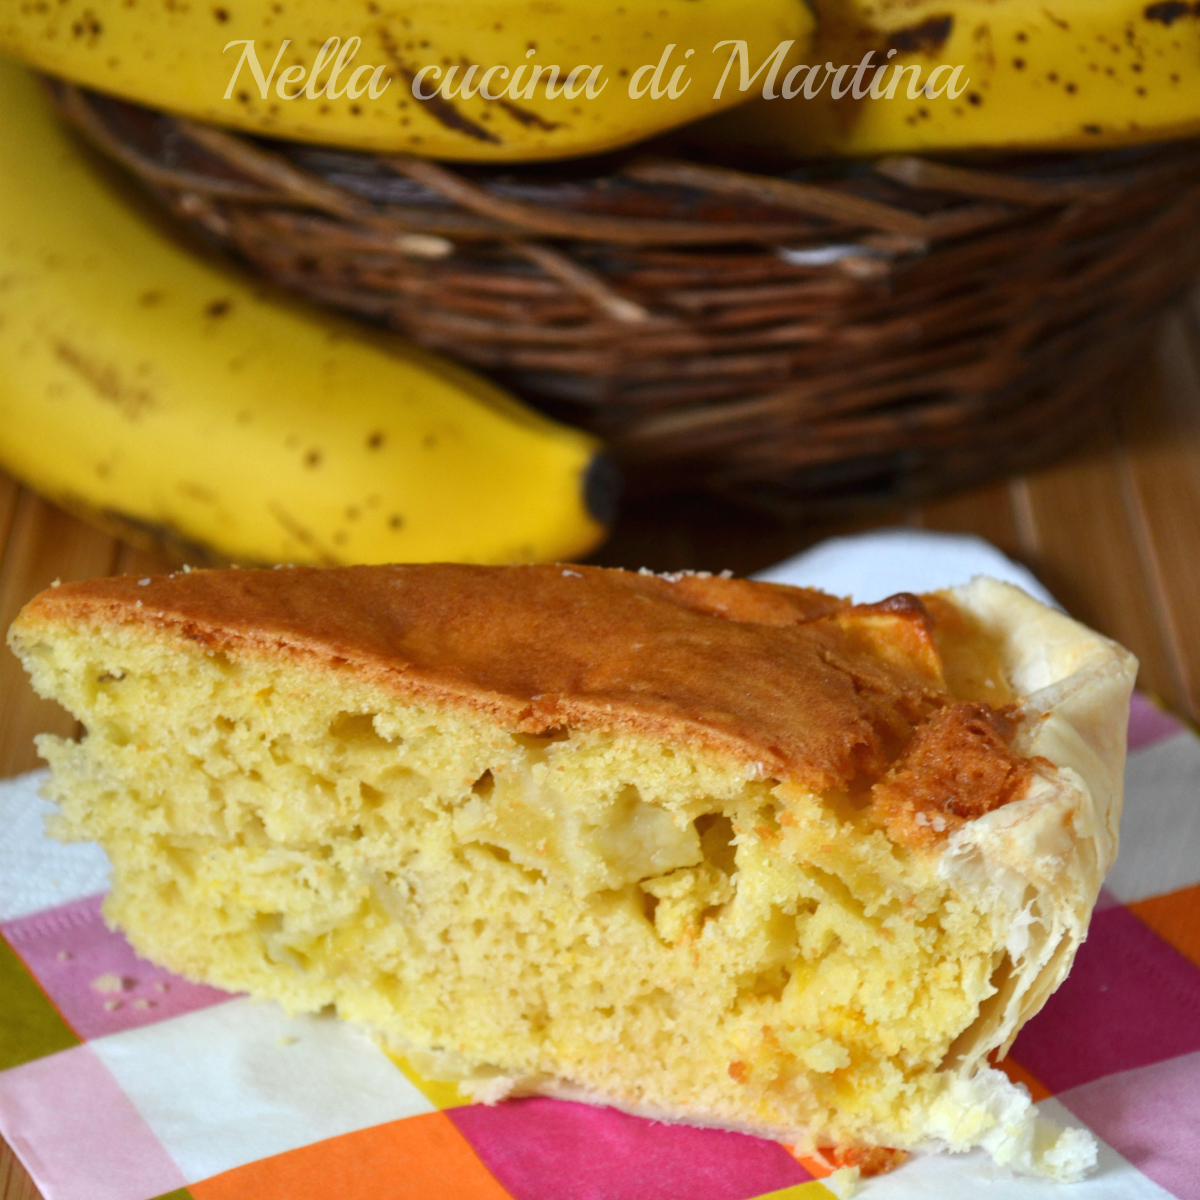 torta russa alla frutta ricetta nella cucina di martina